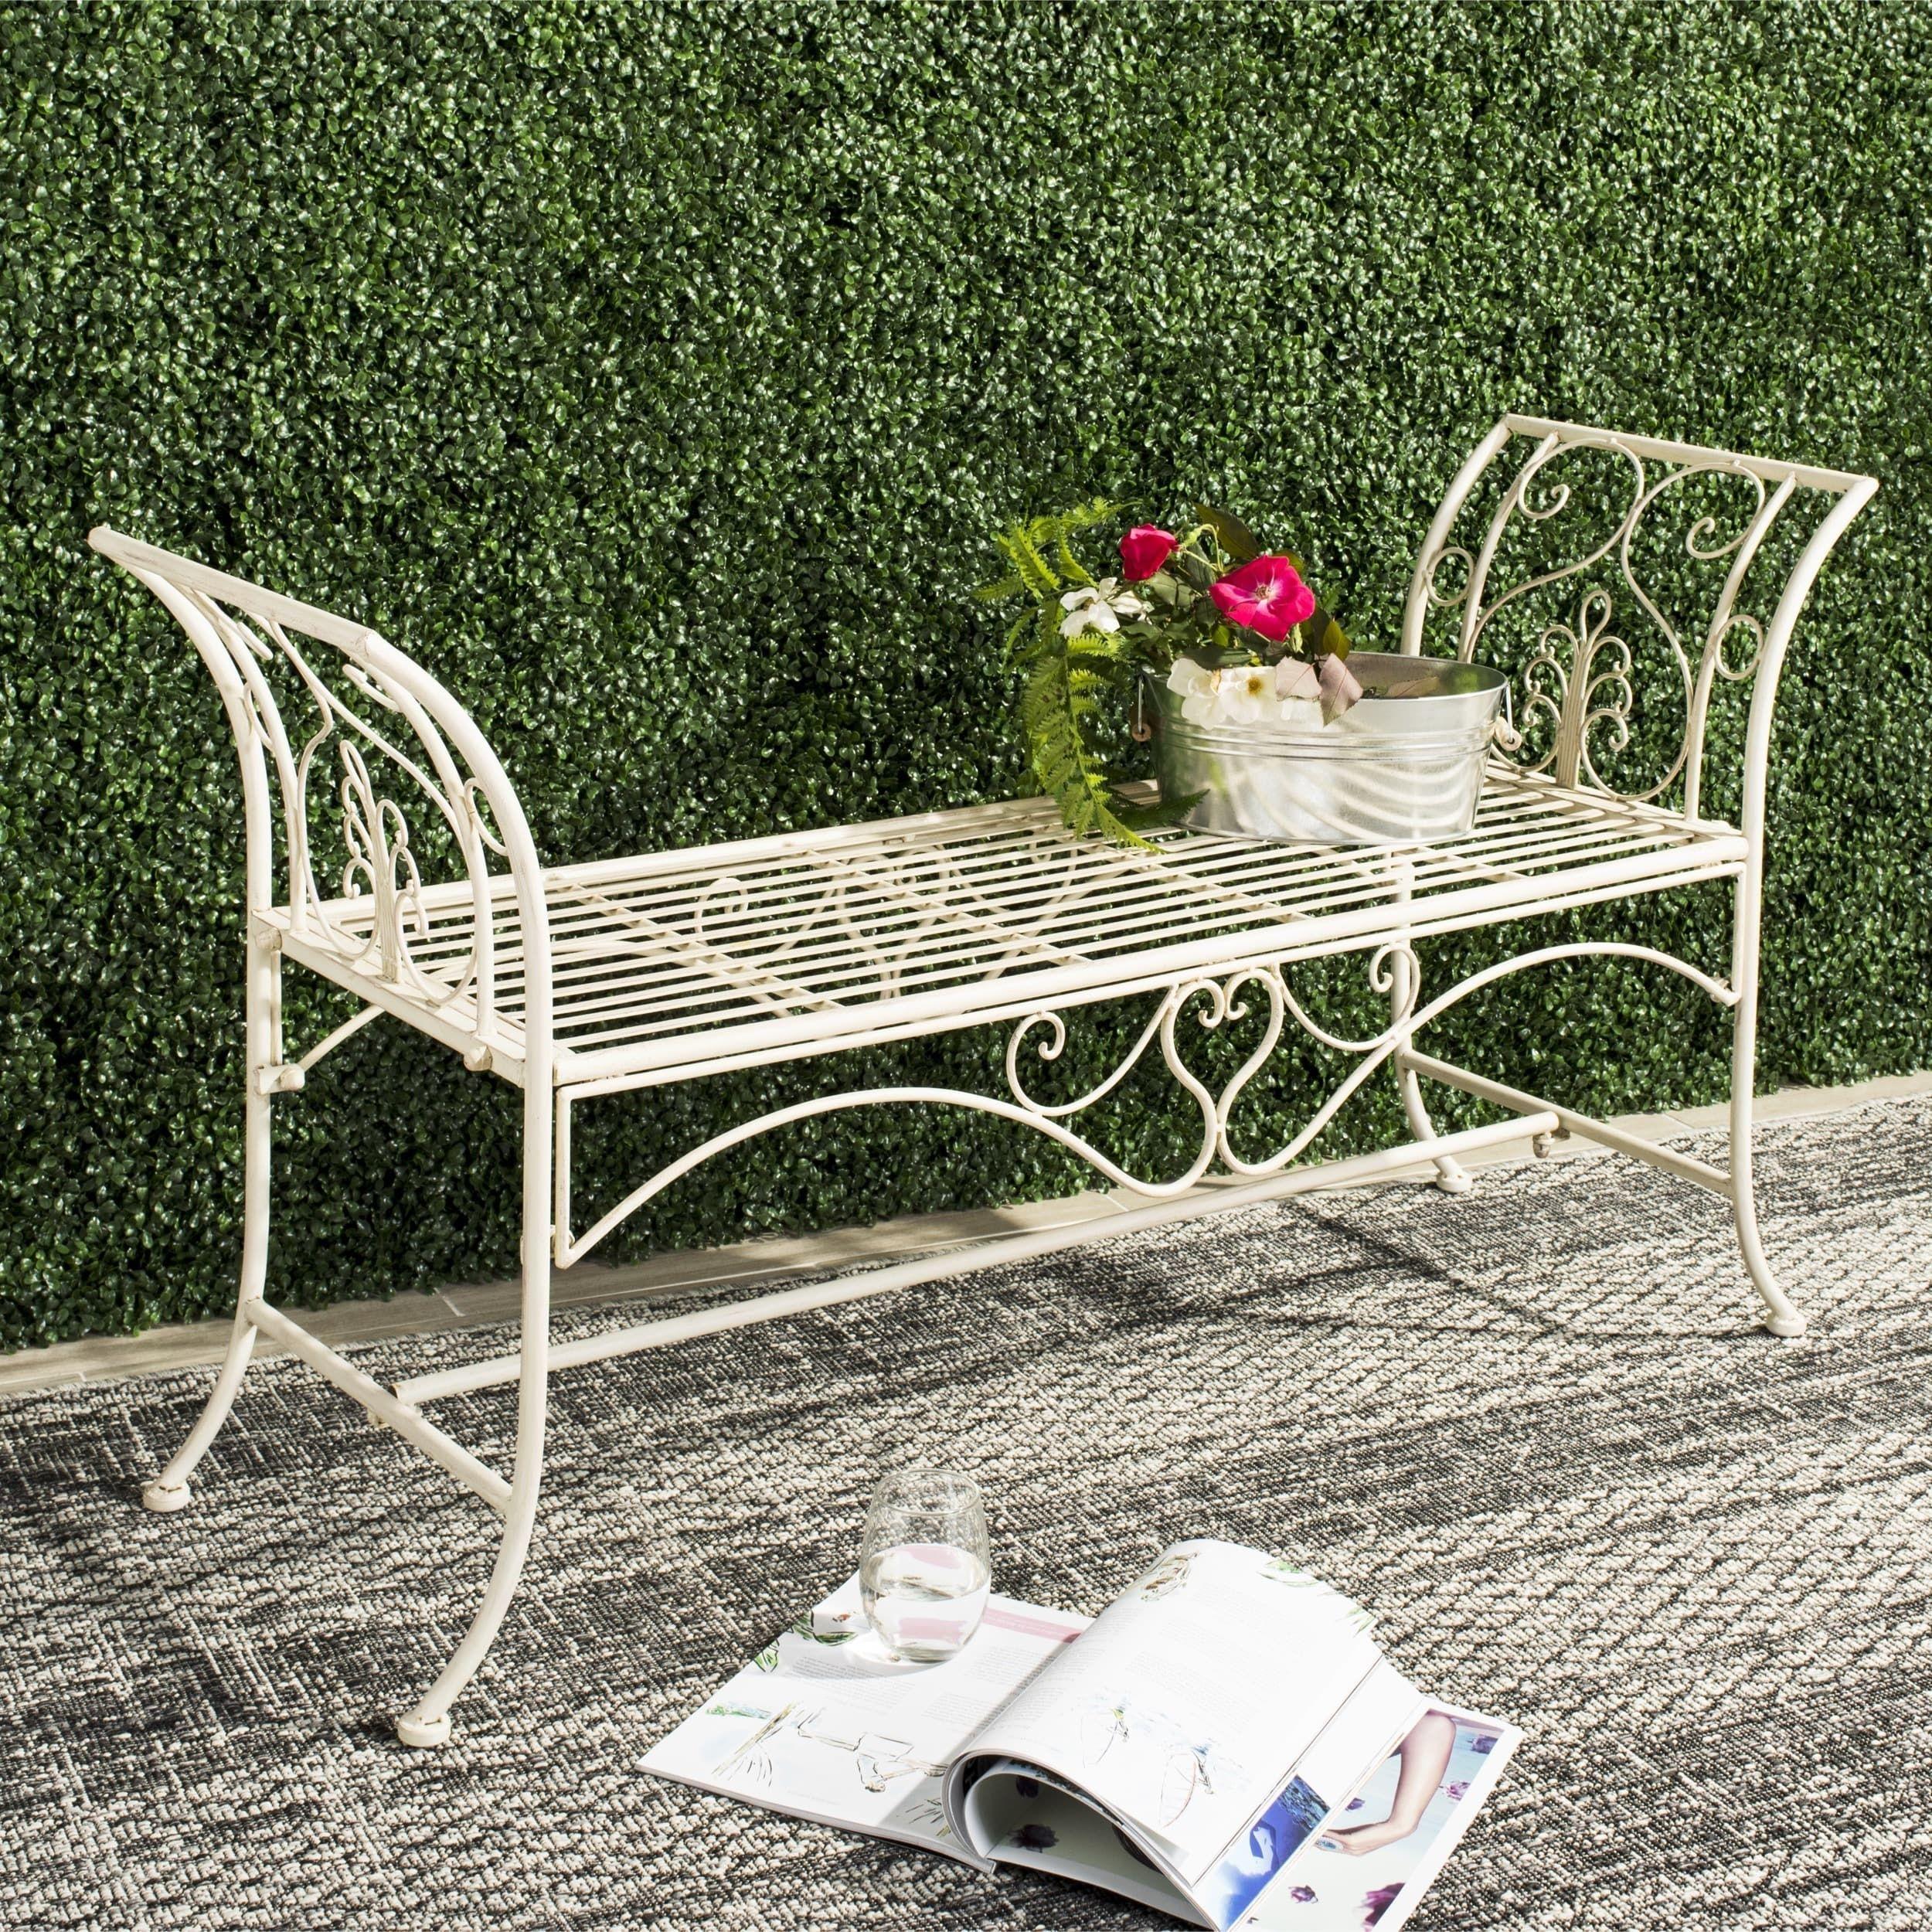 Safavieh Outdoor Living Adina White Wrought Iron Garden Bench 51 Inches 51 3 X 16 3 X 27 Outdoor Garden Bench Garden Seating Metal Garden Benches